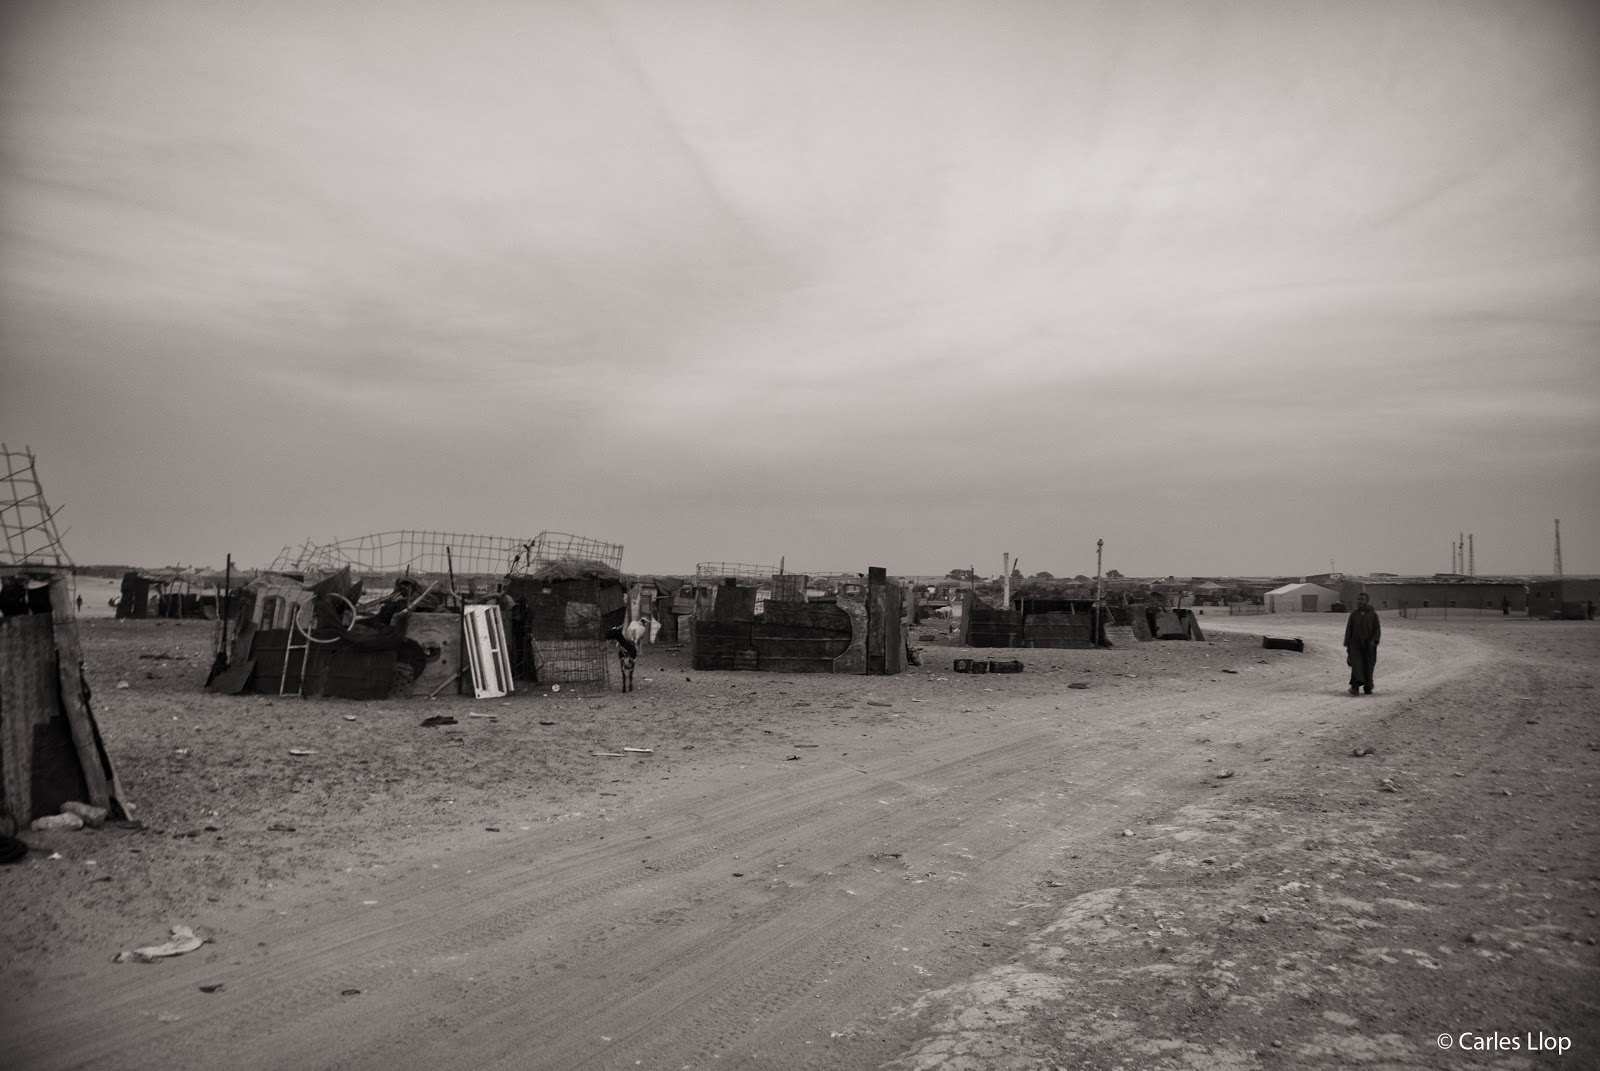 Un dels campaments del Sàhara. Foto: Carles Llop